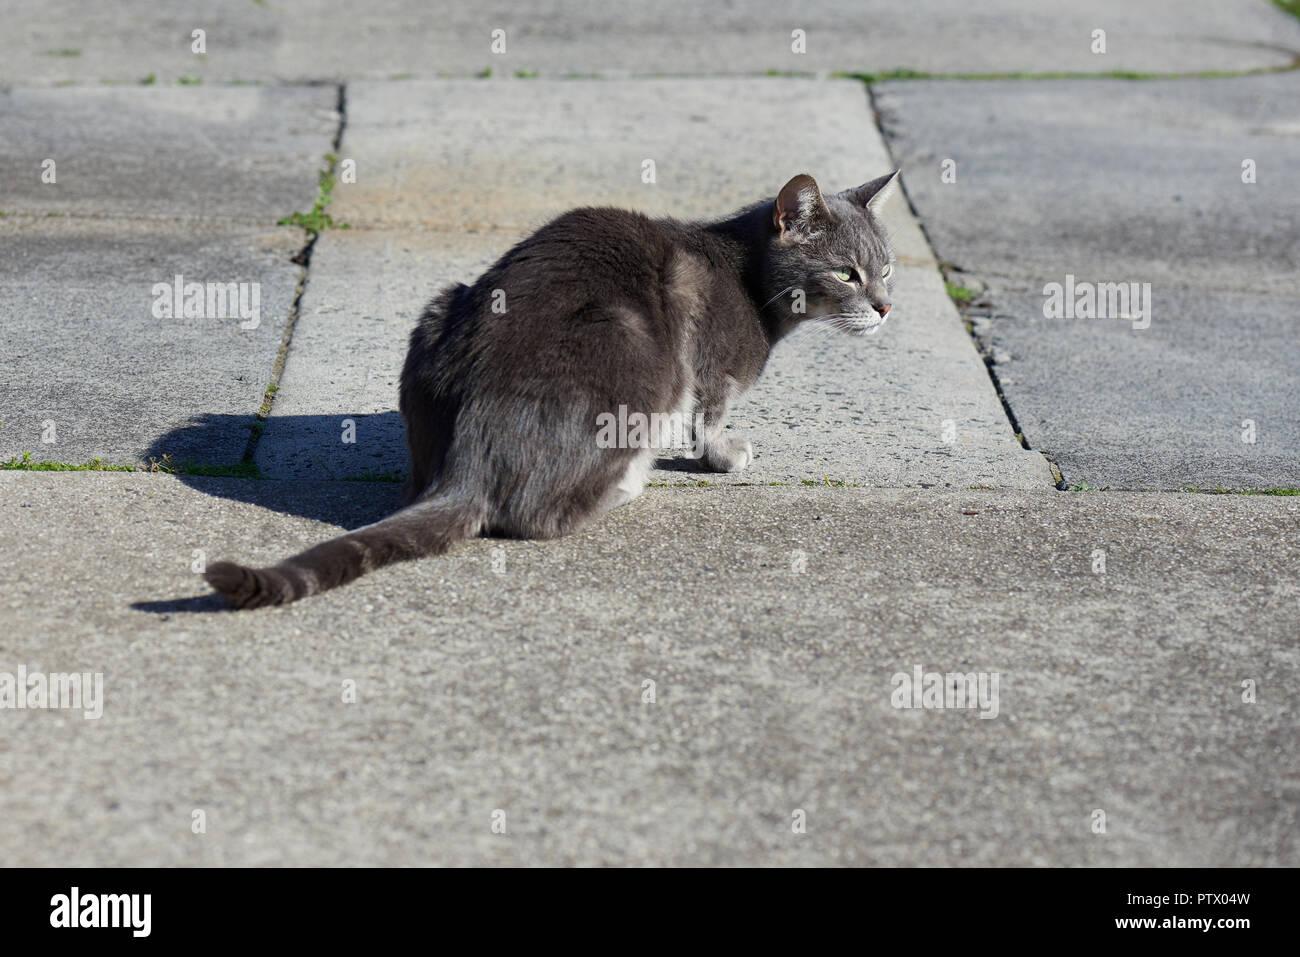 Grey Street cat sur un sentier en béton au soleil. Photo Stock